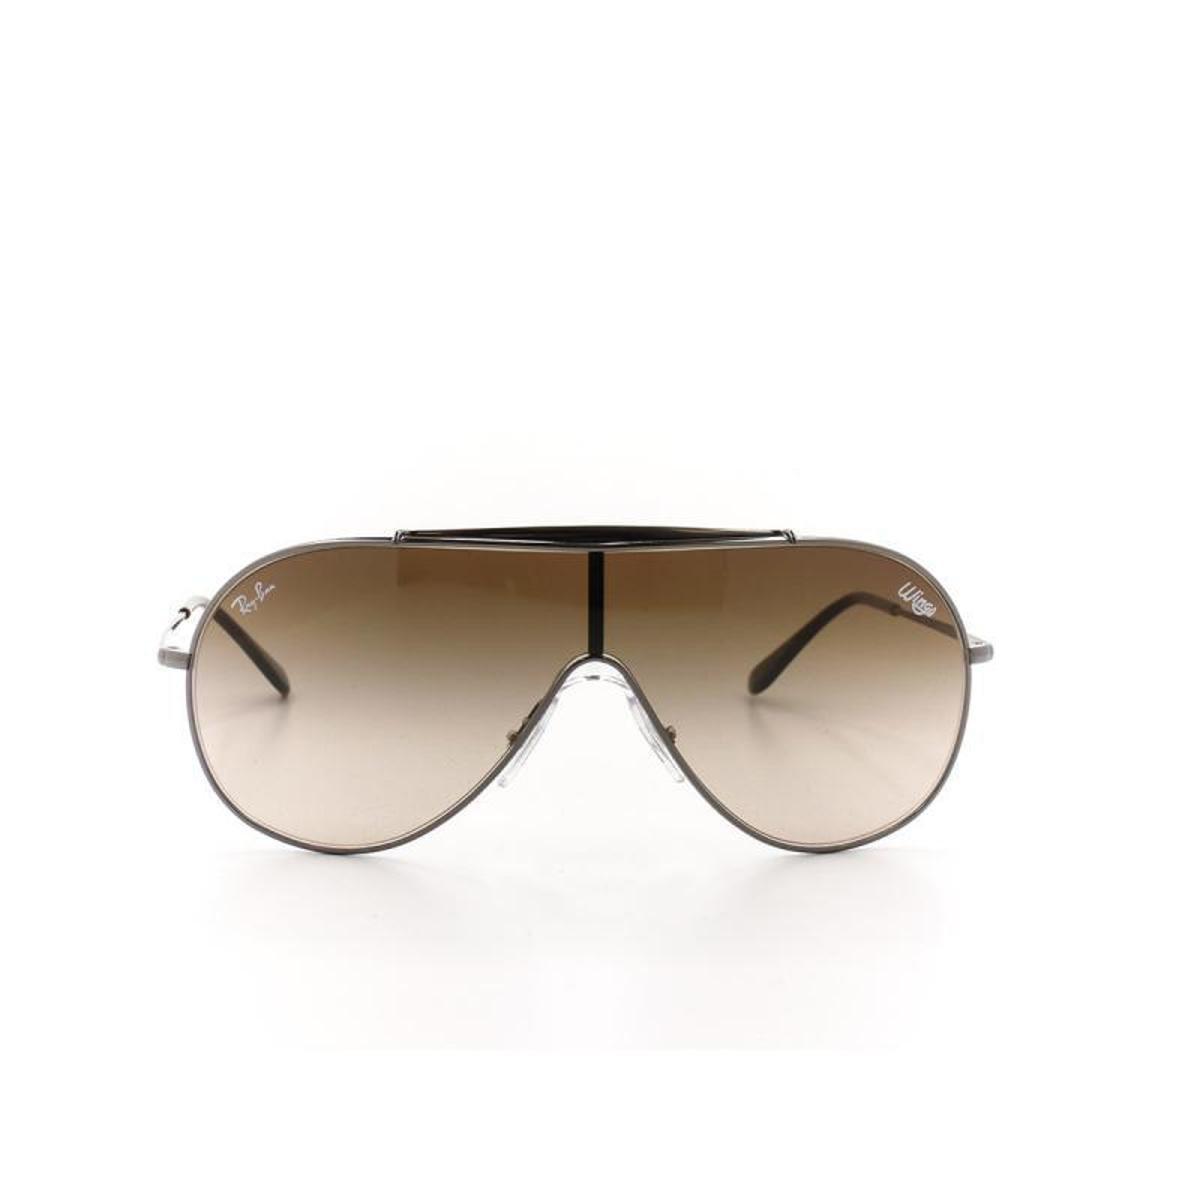 60103cd9bf5f7 Óculos De Sol Ray Ban 3597 T 33 C 004 13 Masculino - Marrom - Compre ...